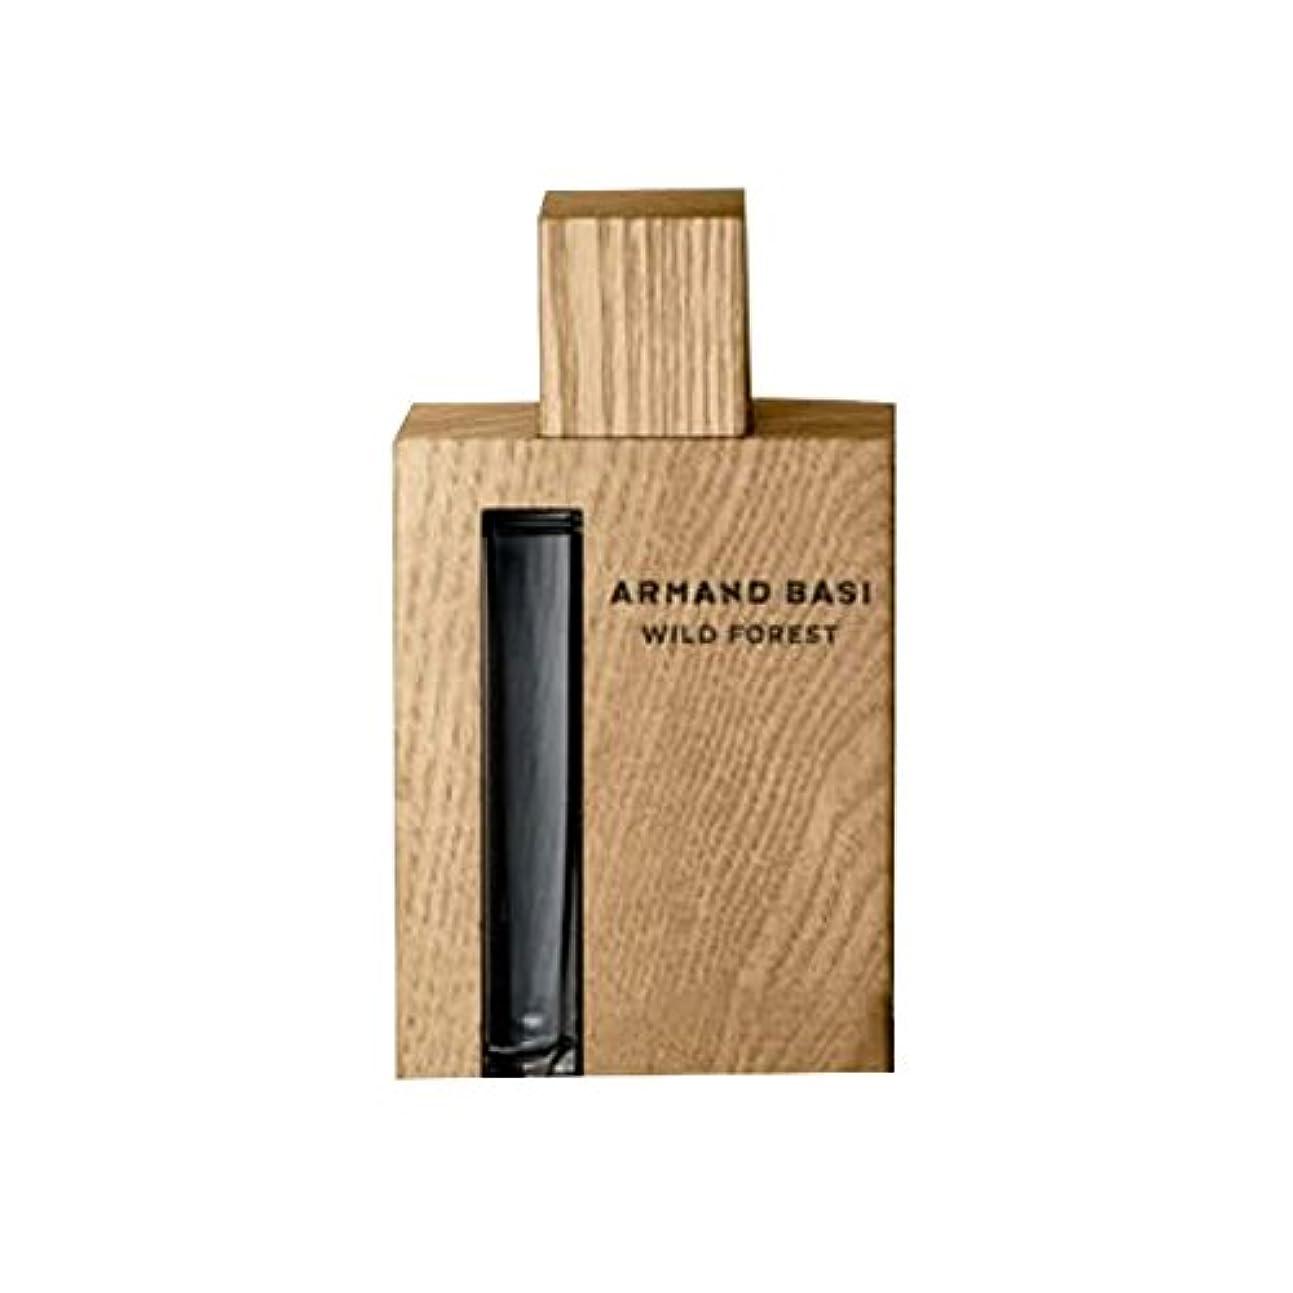 地質学悲観的滅多Armand Basi - ARMAND BASI FORESTワイルドオードトワレ90ML VAPO、 - 【並行輸入品】